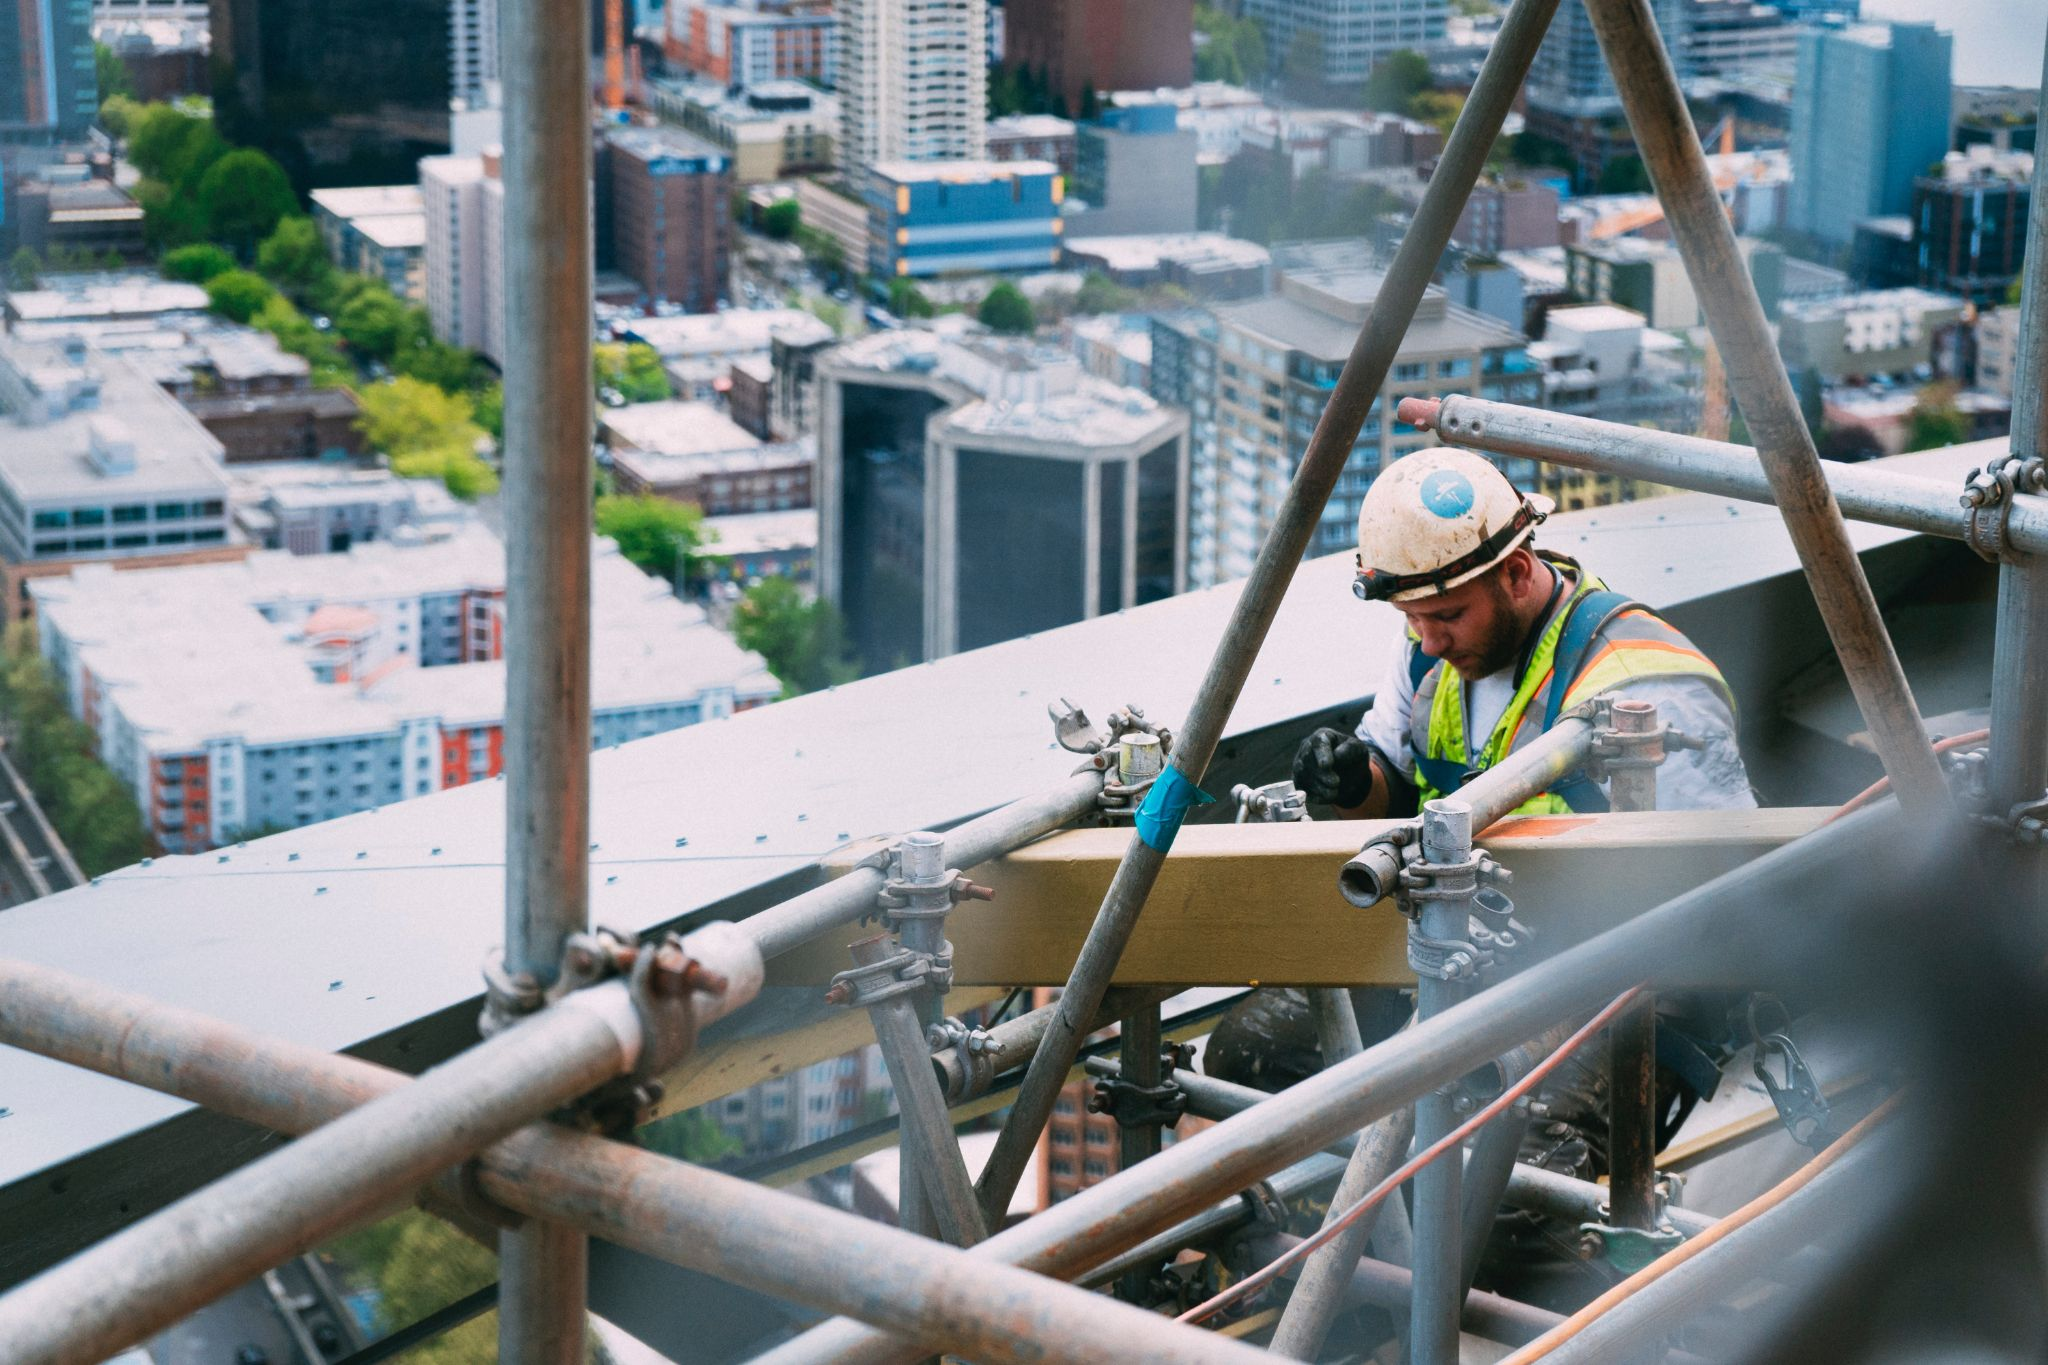 Construção foi a atividade econômica com maior crescimento no estoque de vínculos ativos